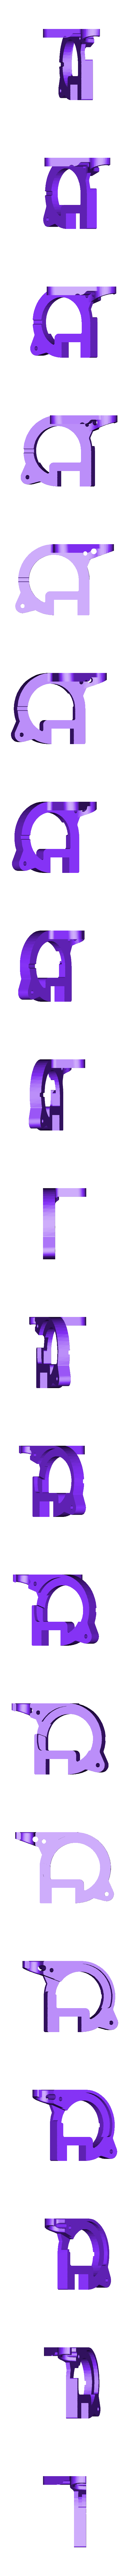 Duct_Fan_Mount.STL Télécharger fichier STL gratuit Montage sur ventilateur de gaine • Design pour imprimante 3D, AlbertKhan3D